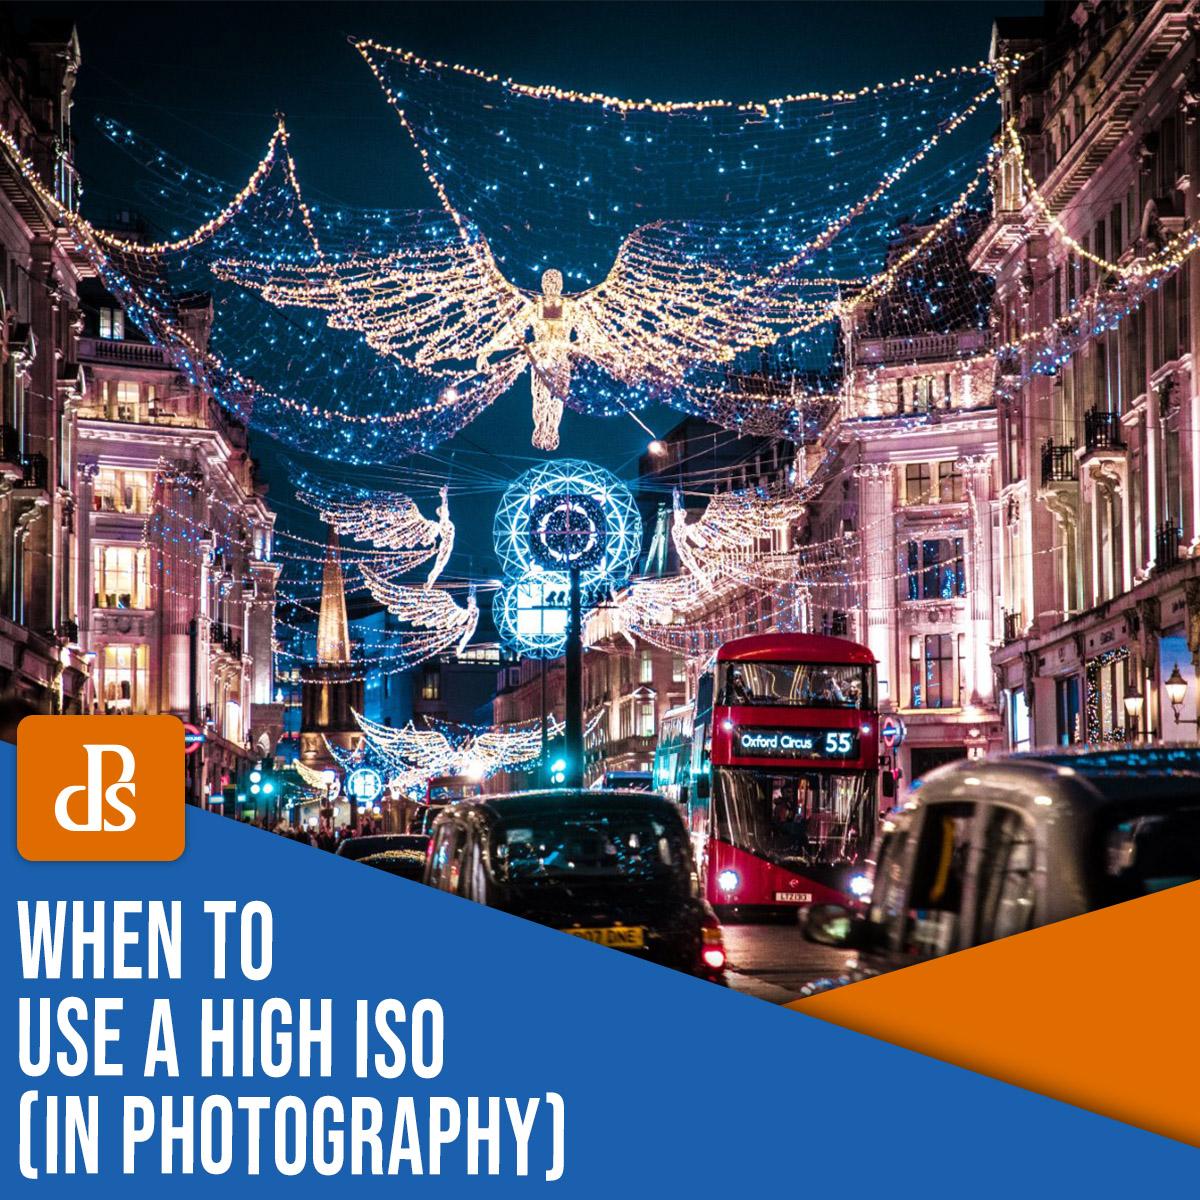 quando usar ISO alto em fotografia